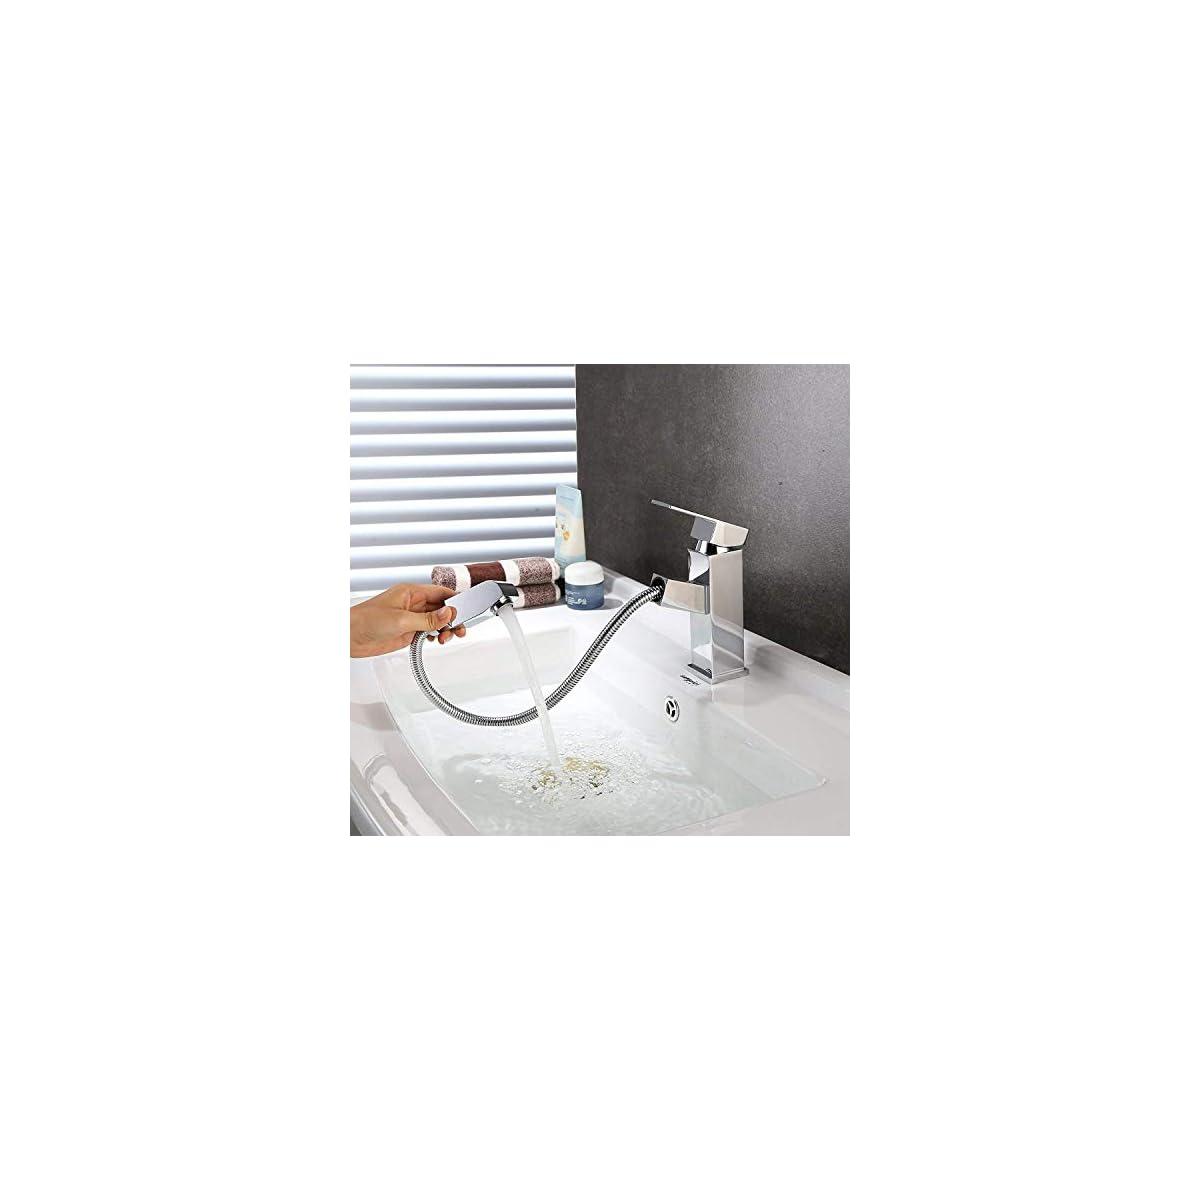 51GHorgwM6L. SS1200  - HOMFA Grifo Extraible de Lavabo con Cabezal de Ducha Grifo con Burbujeador de ABS Agua Caliente y Fría de para Cocina Baño Mezclador de Lavabo Cromado Puerto Estándar de 3/8 Pulgadas 15.6x17.5x4.1cm